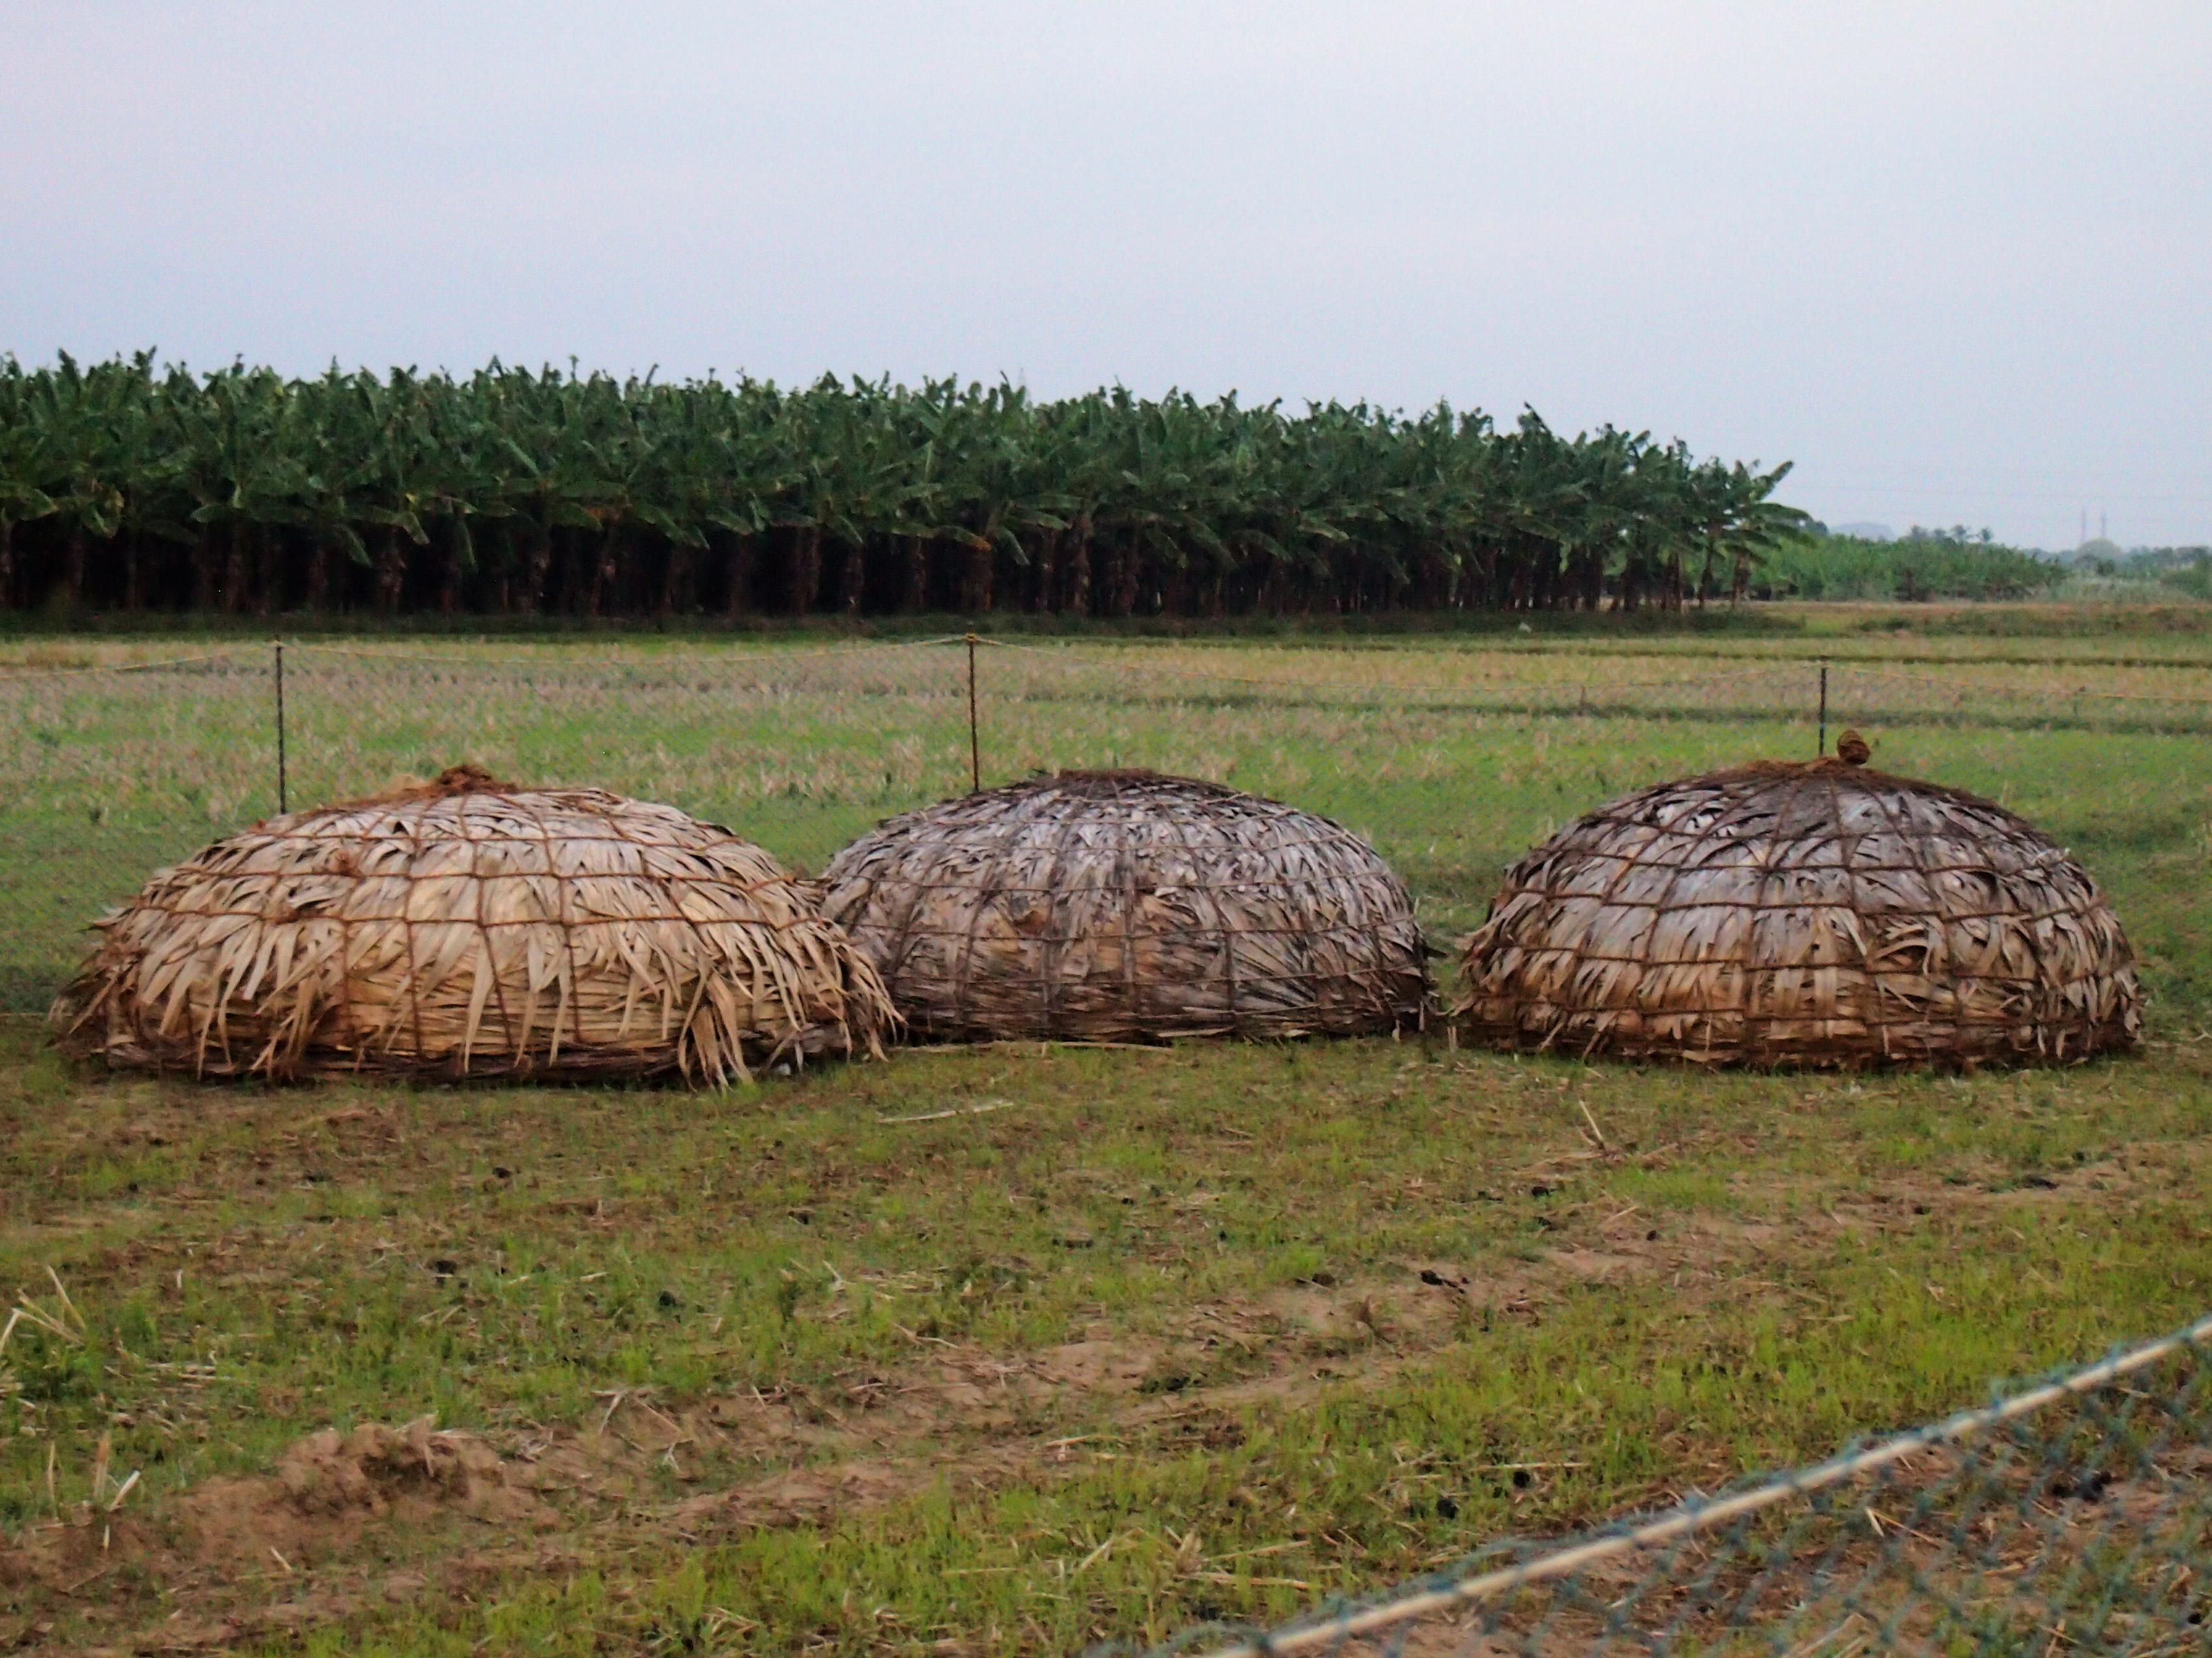 Upp- och nervända korgar gjorda av palmblad användes förr för att bära lamm i under vandringarna. Idag fraktas de med bil tillsammans med lammen och används endast som nattinhägnad åt nyfödda lamm.Foto; Patrick Wennström